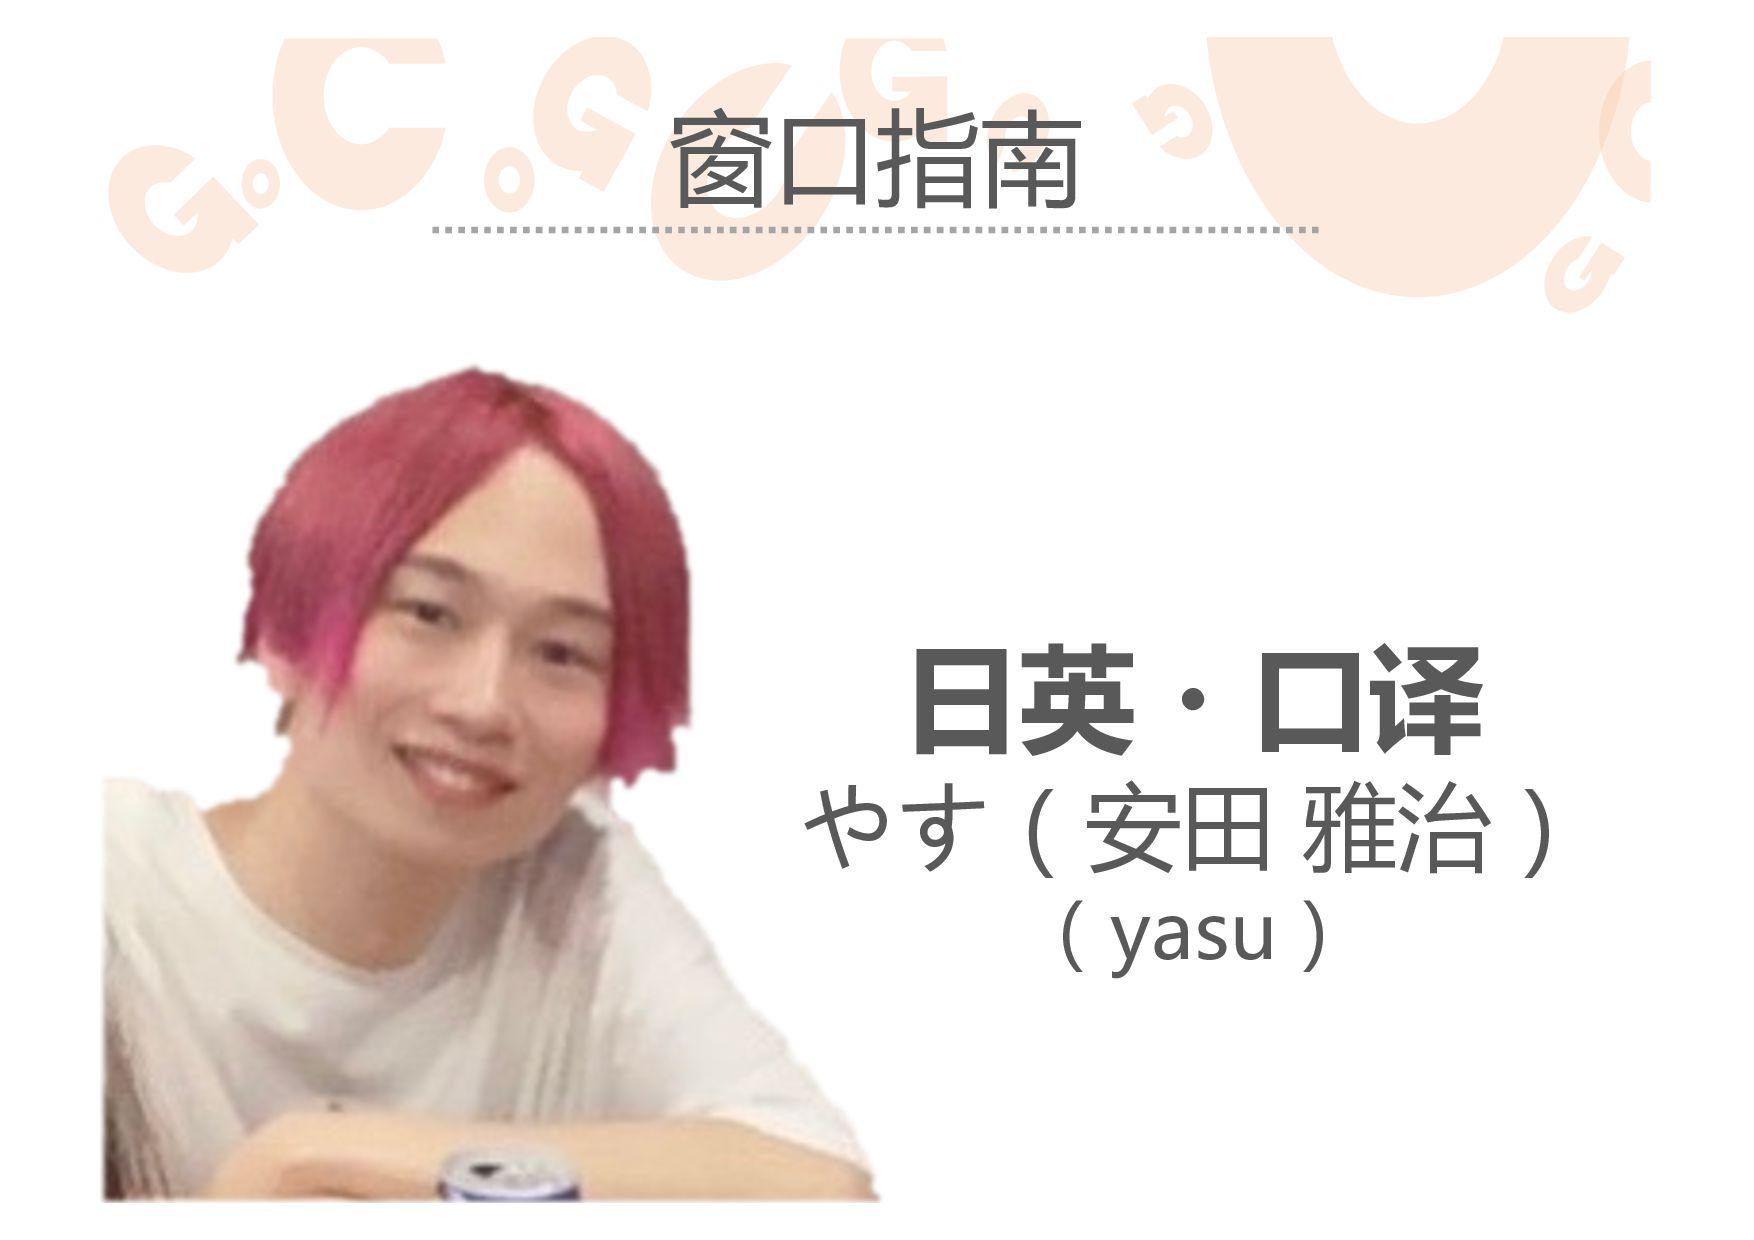 窗口指南 日英・口译 ワーク ミカエル (Michael Worku)